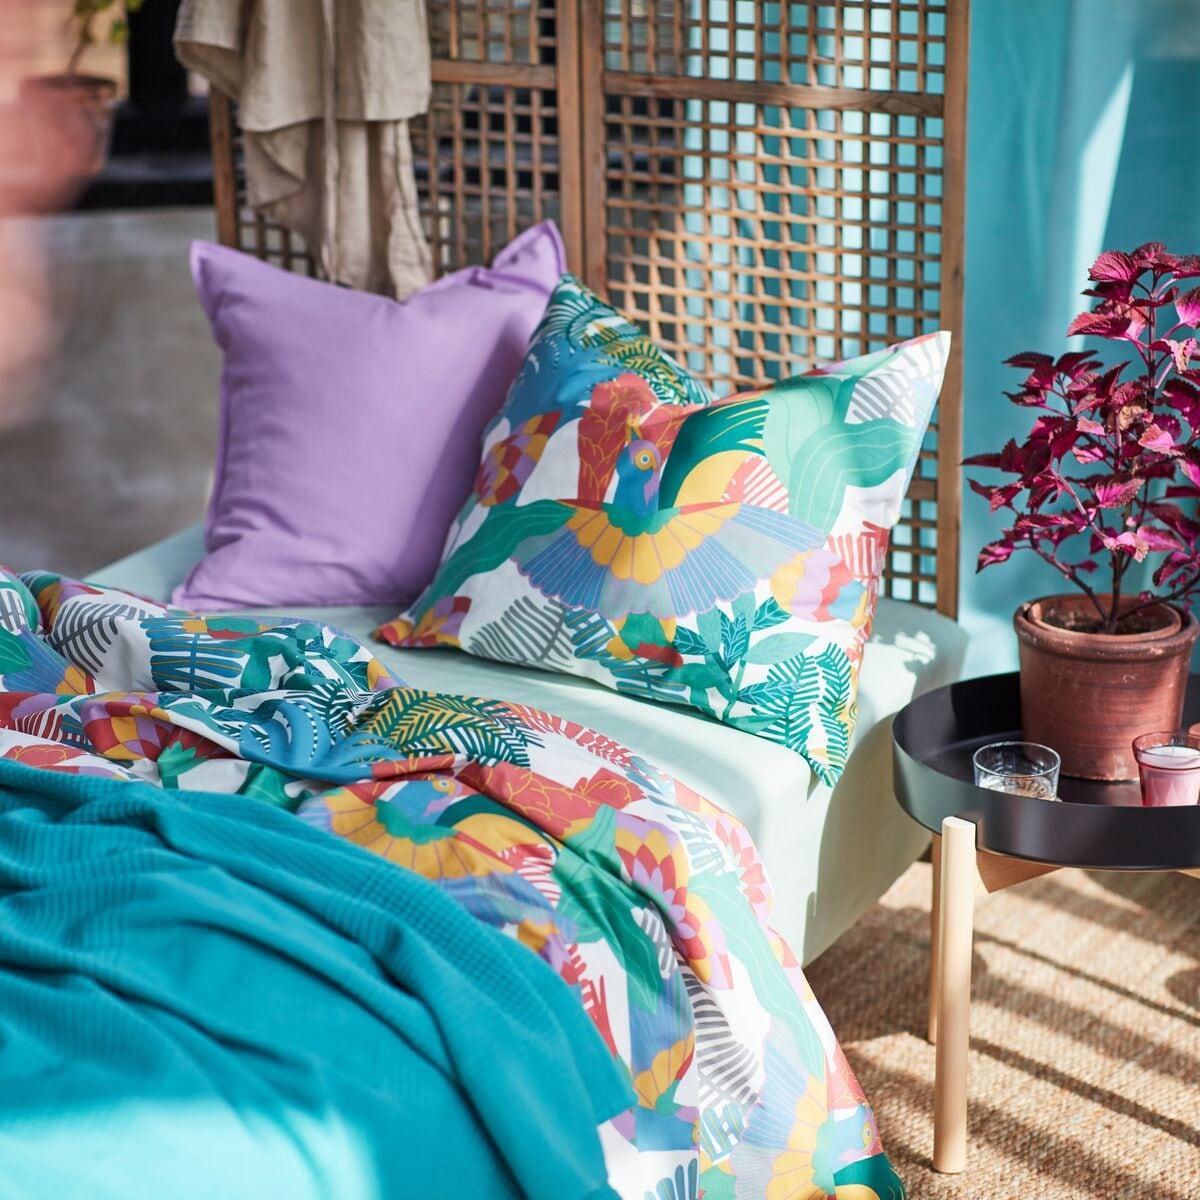 Roupa de cama em tons e padrões tropicais